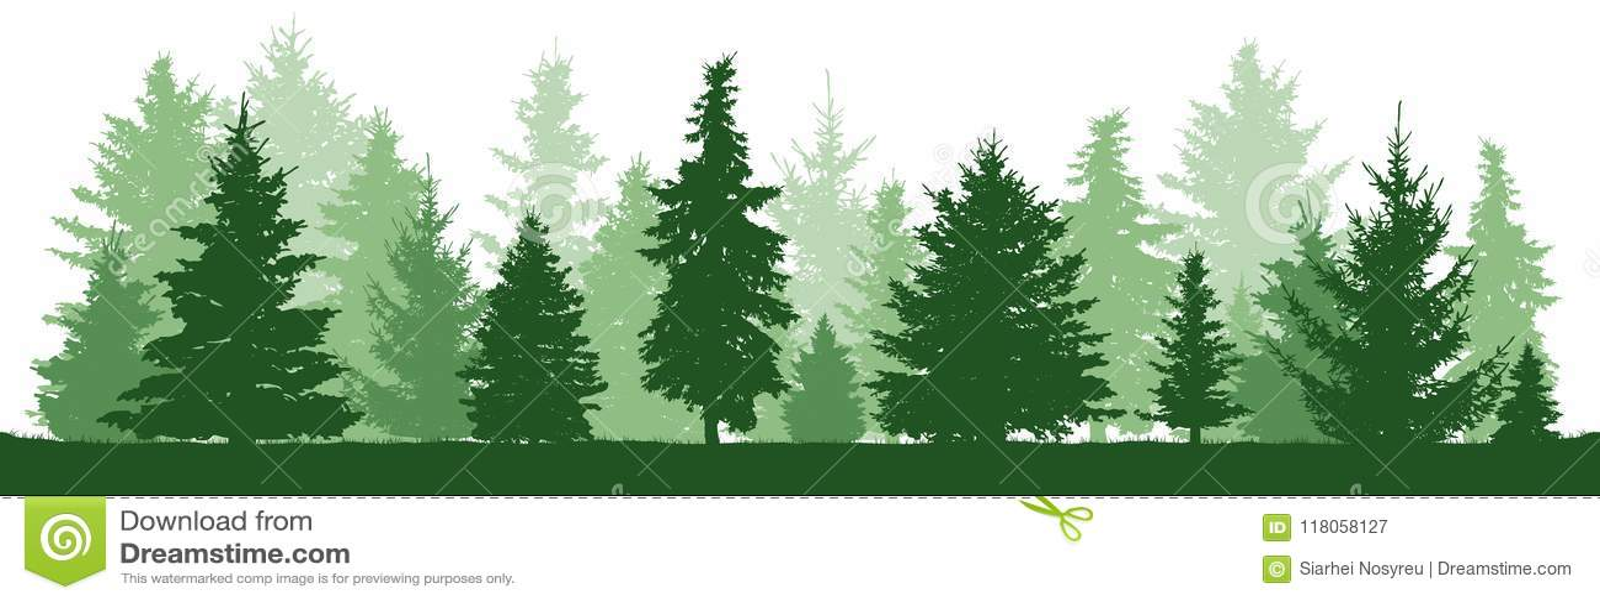 Pino de los árboles, abeto, picea, árbol de navidad Bosque conífero, silueta del vector